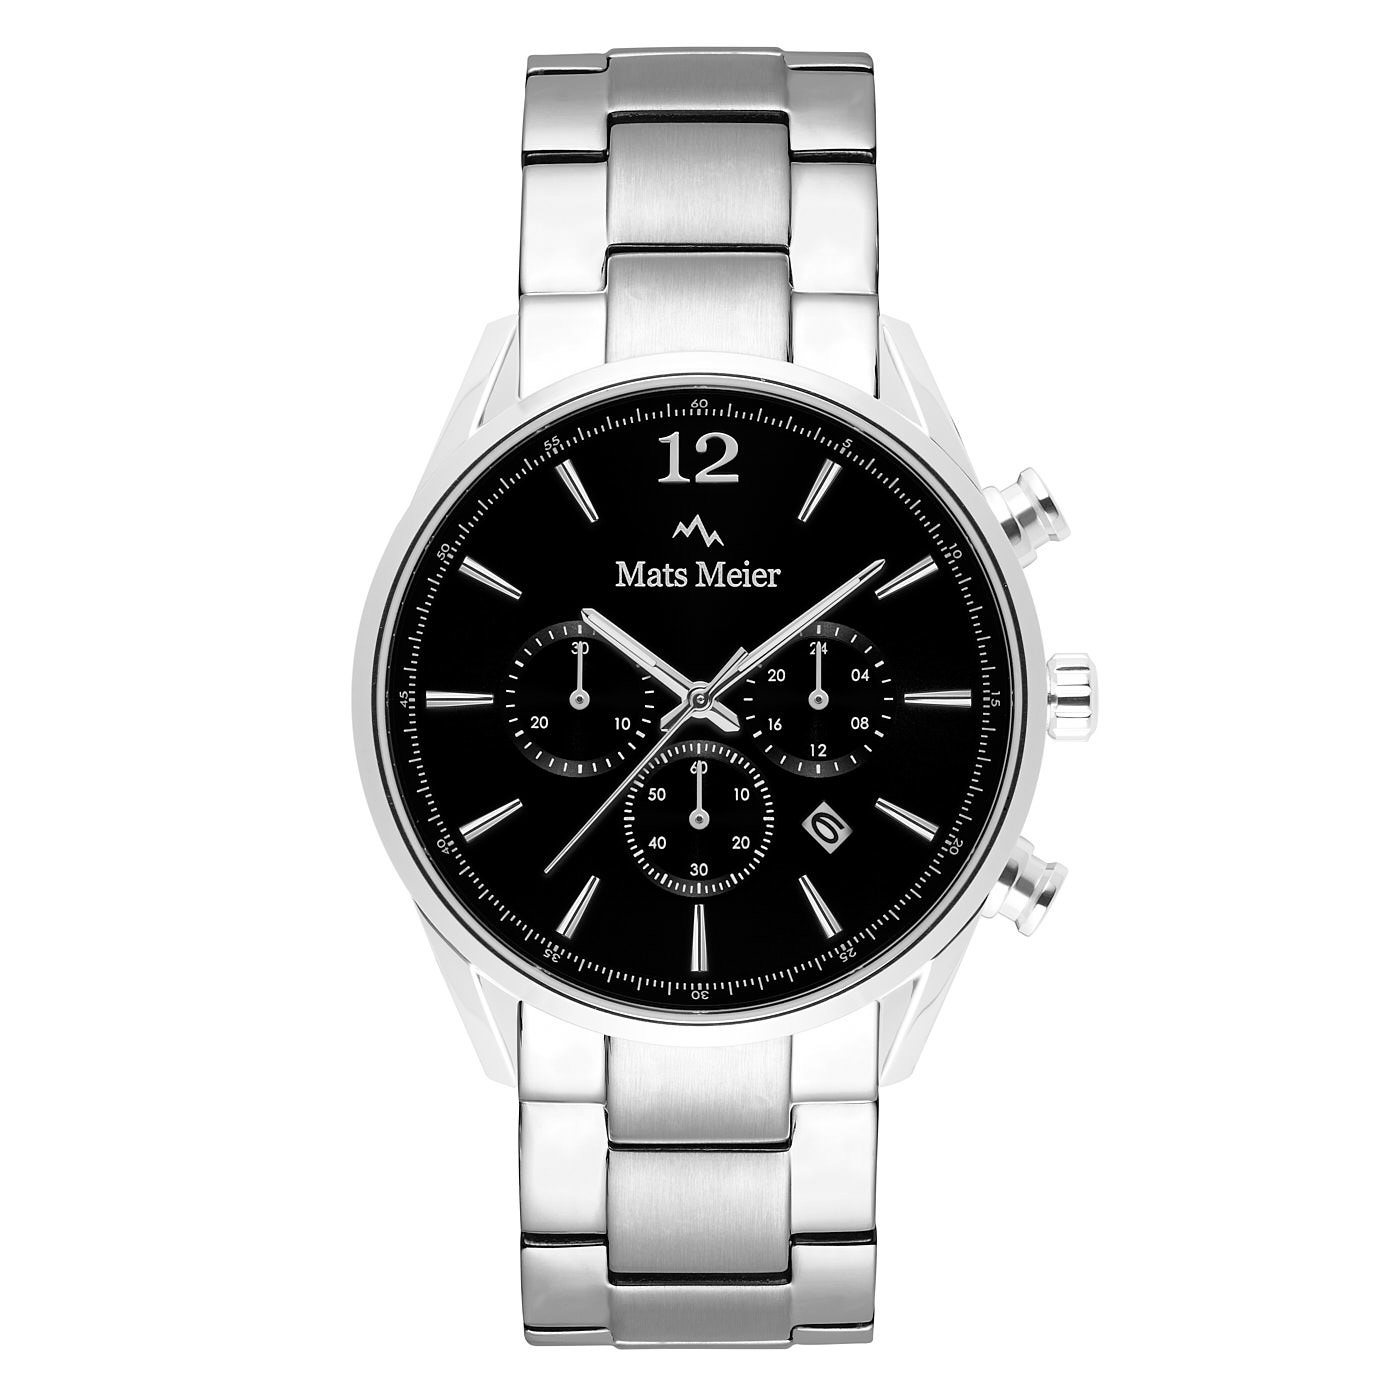 Mats Meier Grand Cornier chronograaf herenhorloge zwart / zilverkleurig